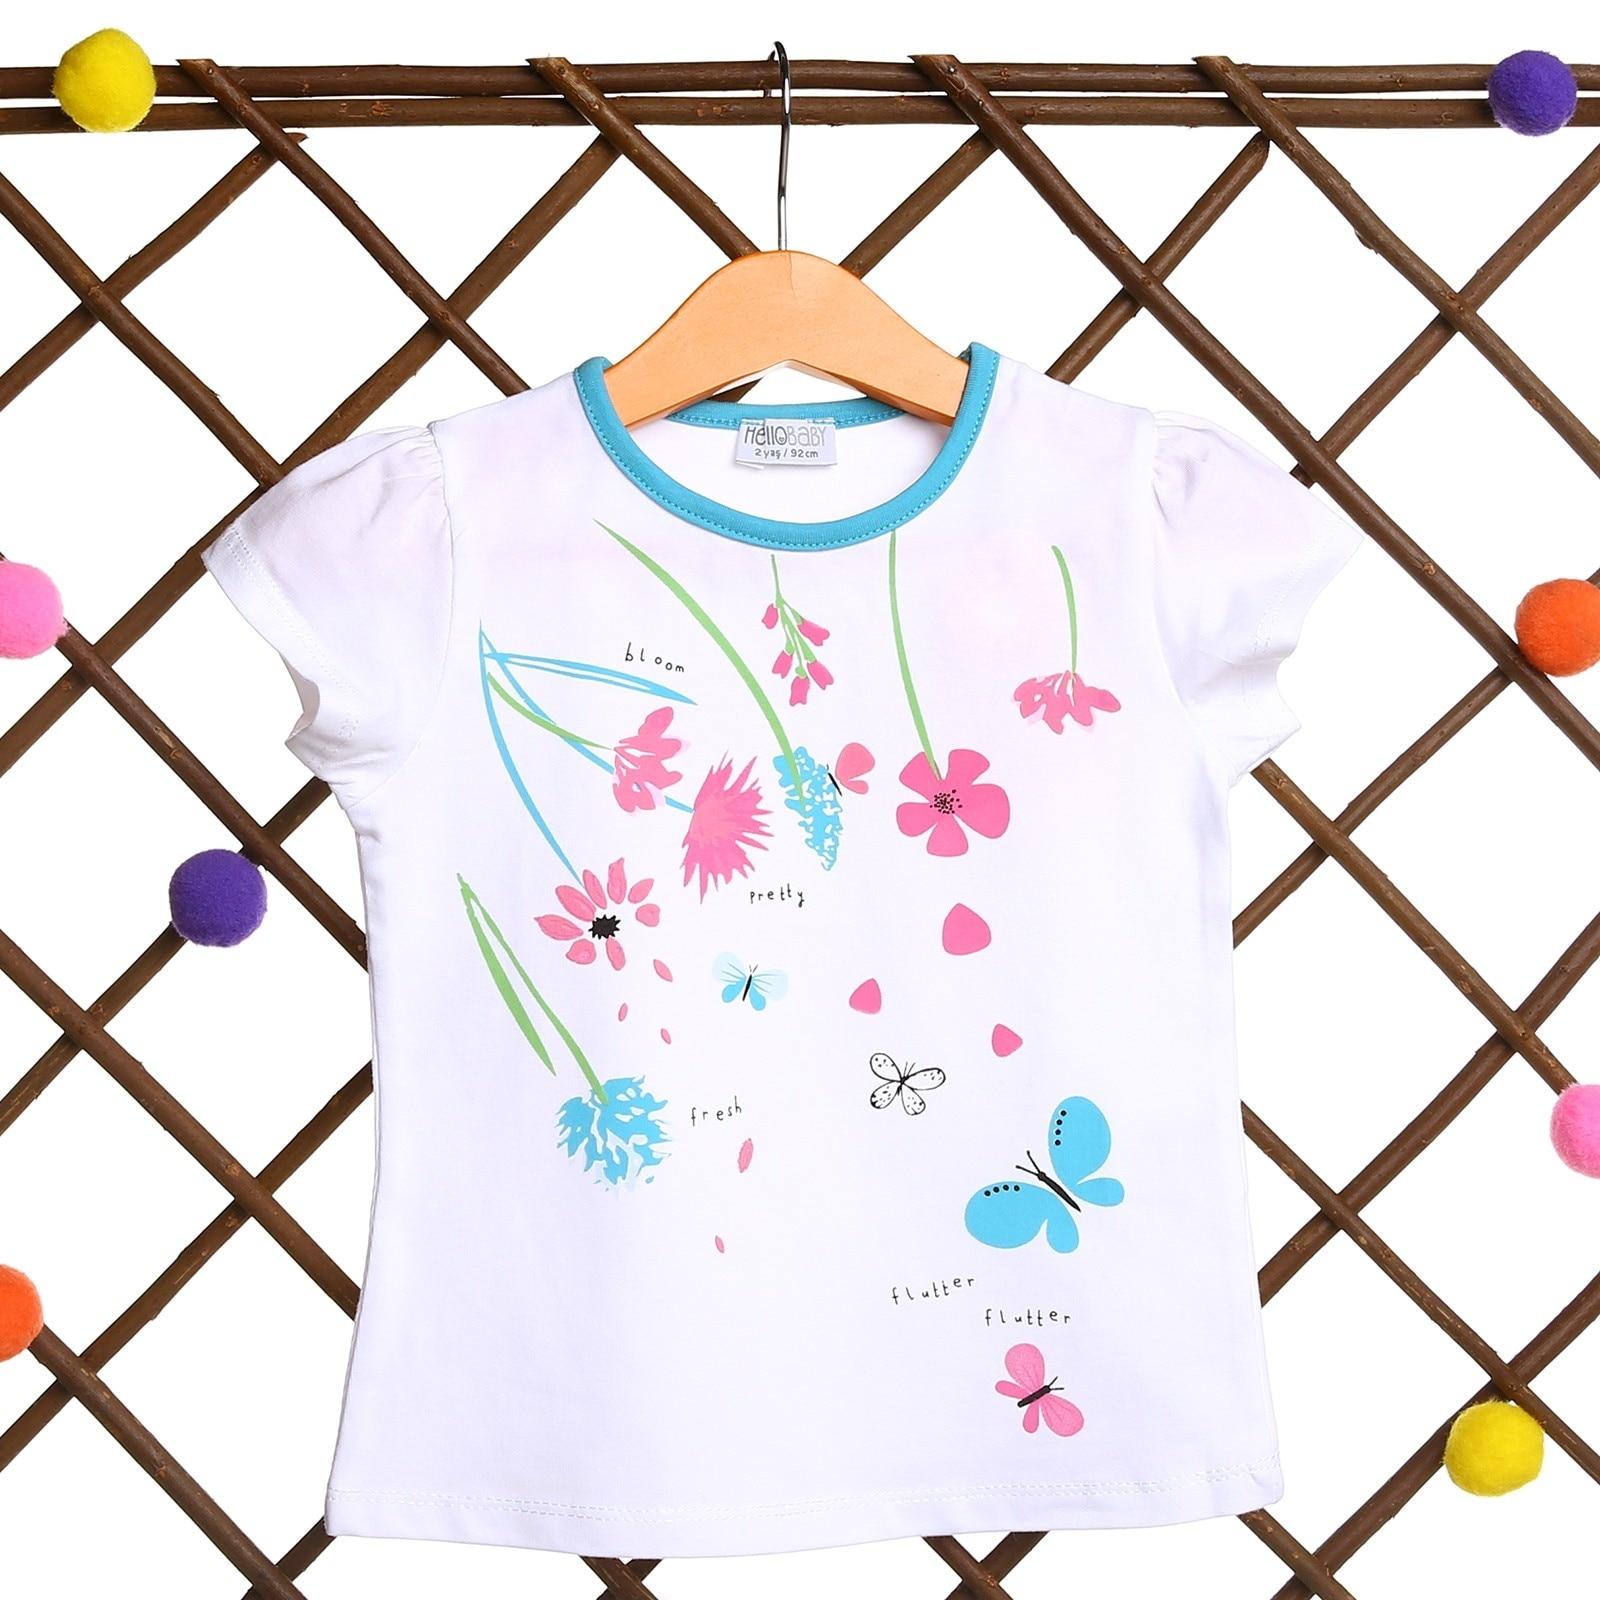 Ebebek HelloBaby Flowered Baby Girl Short Sleeve Tshirt